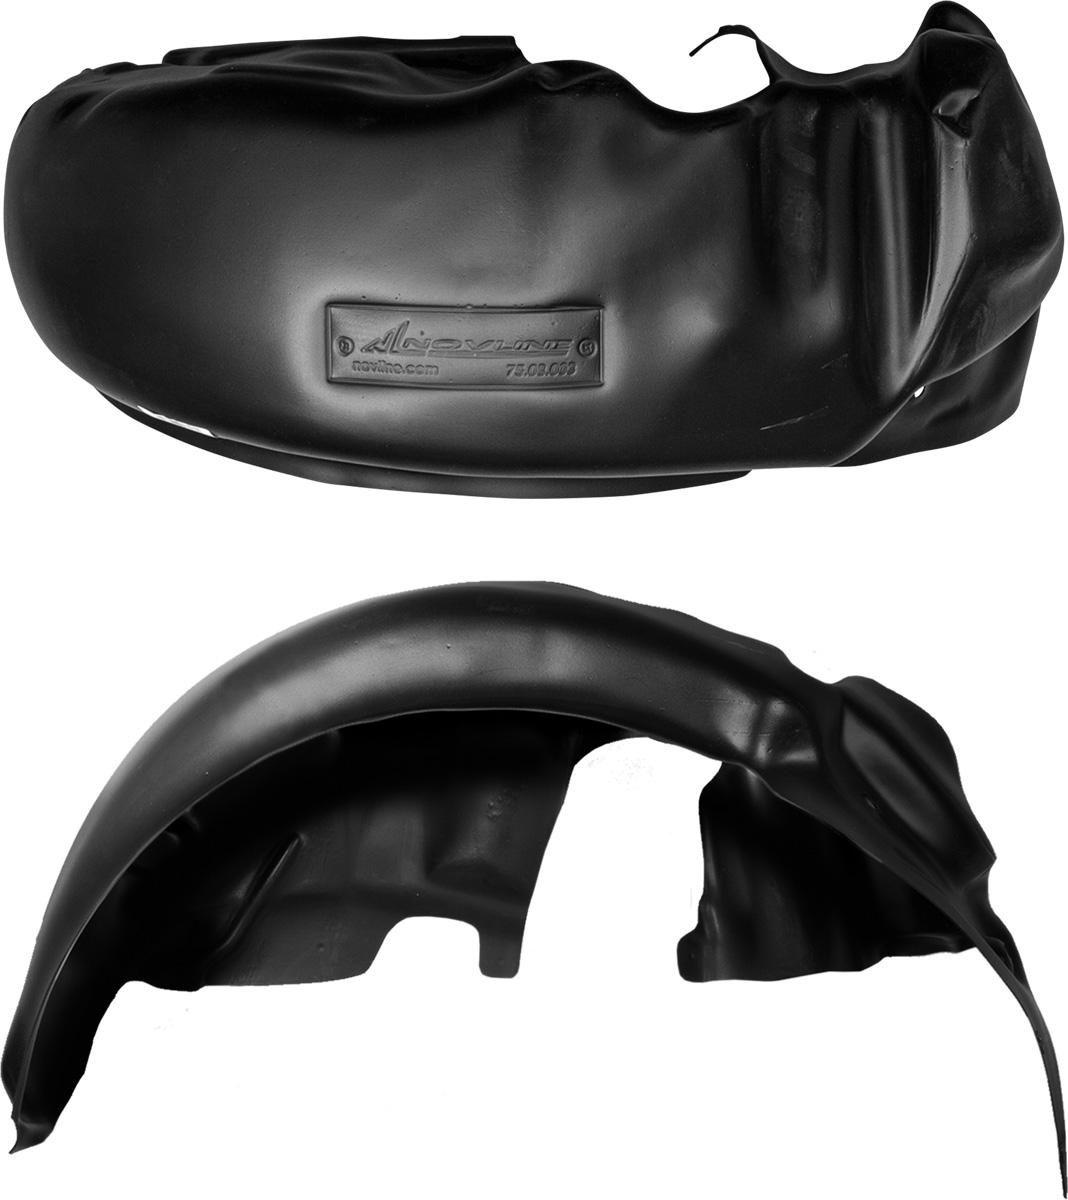 Подкрылок RENAULT Duster 4x4, 05/2015->, задний левый1004900000360Колесные ниши – одни из самых уязвимых зон днища вашего автомобиля. Они постоянно подвергаются воздействию со стороны дороги. Лучшая, почти абсолютная защита для них - специально отформованные пластиковые кожухи, которые называются подкрылками, или локерами. Производятся они как для отечественных моделей автомобилей, так и для иномарок. Подкрылки выполнены из высококачественного, экологически чистого пластика. Обеспечивают надежную защиту кузова автомобиля от пескоструйного эффекта и негативного влияния, агрессивных антигололедных реагентов. Пластик обладает более низкой теплопроводностью, чем металл, поэтому в зимний период эксплуатации использование пластиковых подкрылков позволяет лучше защитить колесные ниши от налипания снега и образования наледи. Оригинальность конструкции подчеркивает элегантность автомобиля, бережно защищает нанесенное на днище кузова антикоррозийное покрытие и позволяет осуществить крепление подкрылков внутри колесной арки практически без дополнительного крепежа и сверления, не нарушая при этом лакокрасочного покрытия, что предотвращает возникновение новых очагов коррозии. Технология крепления подкрылков на иномарки принципиально отличается от крепления на российские автомобили и разрабатывается индивидуально для каждой модели автомобиля. Подкрылки долговечны, обладают высокой прочностью и сохраняют заданную форму, а также все свои физико-механические характеристики в самых тяжелых климатических условиях ( от -50° С до + 50° С).